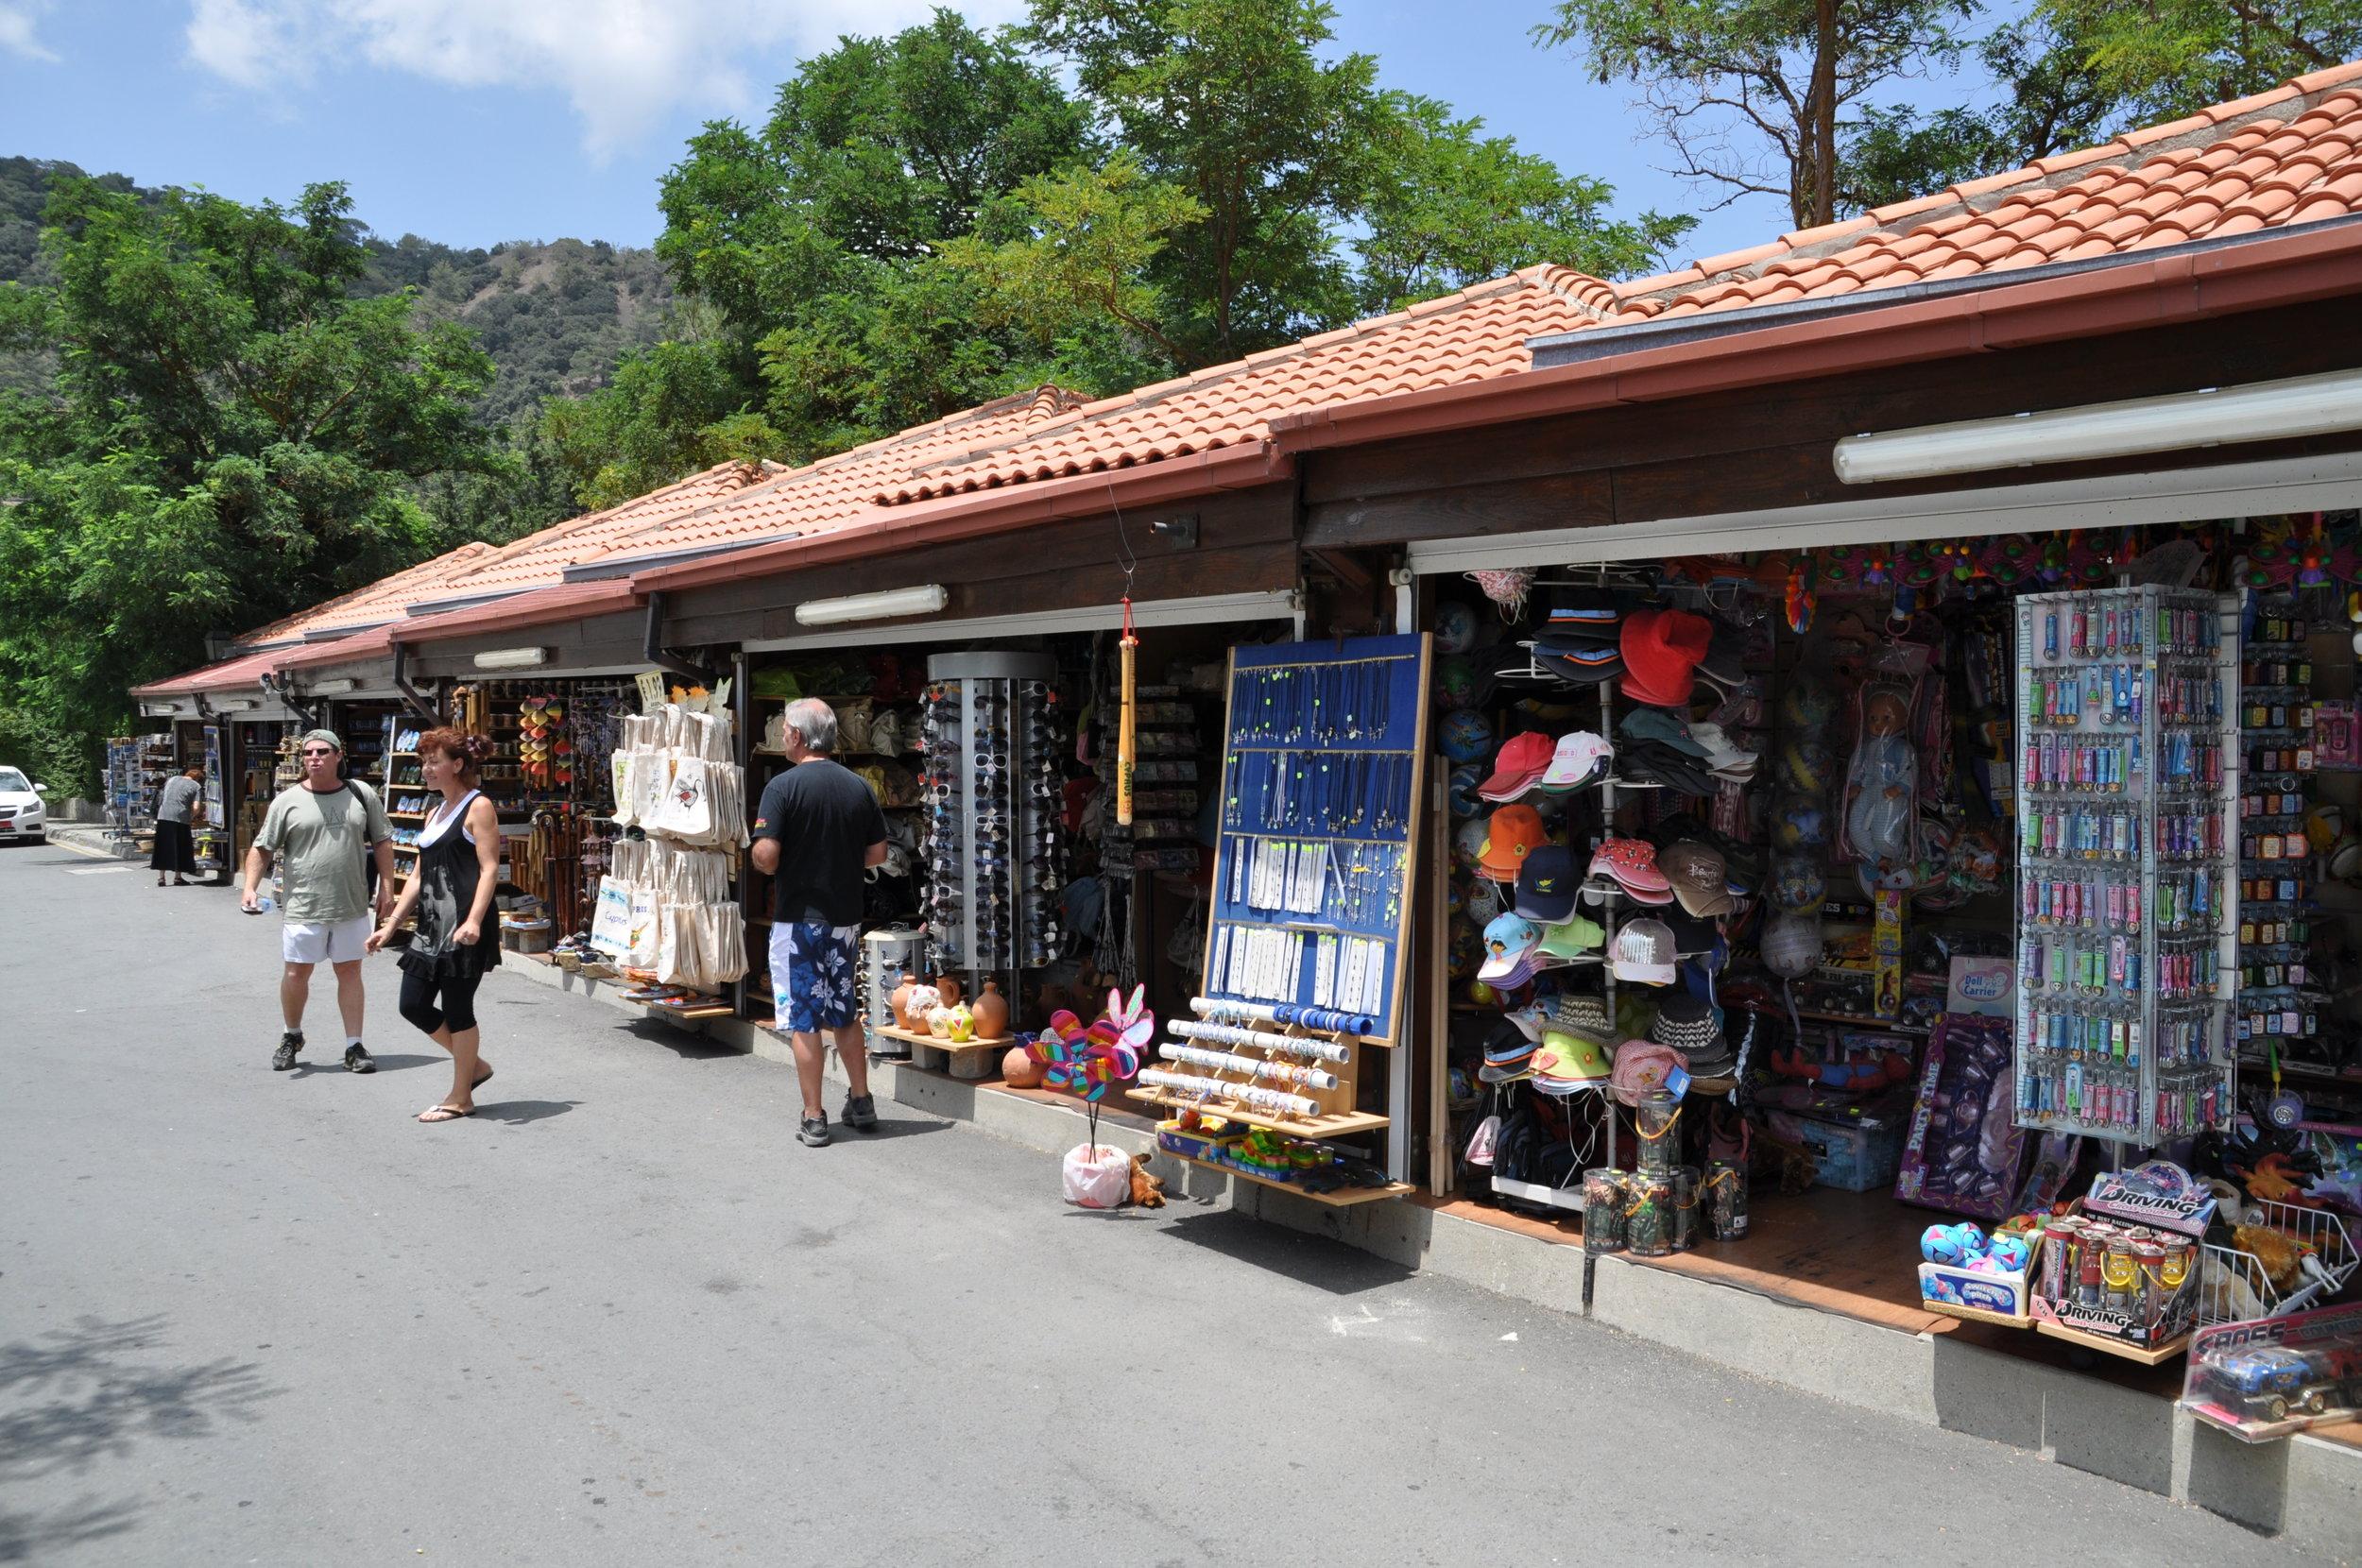 The commerce of pilgrimage. Photos: Meg Pier